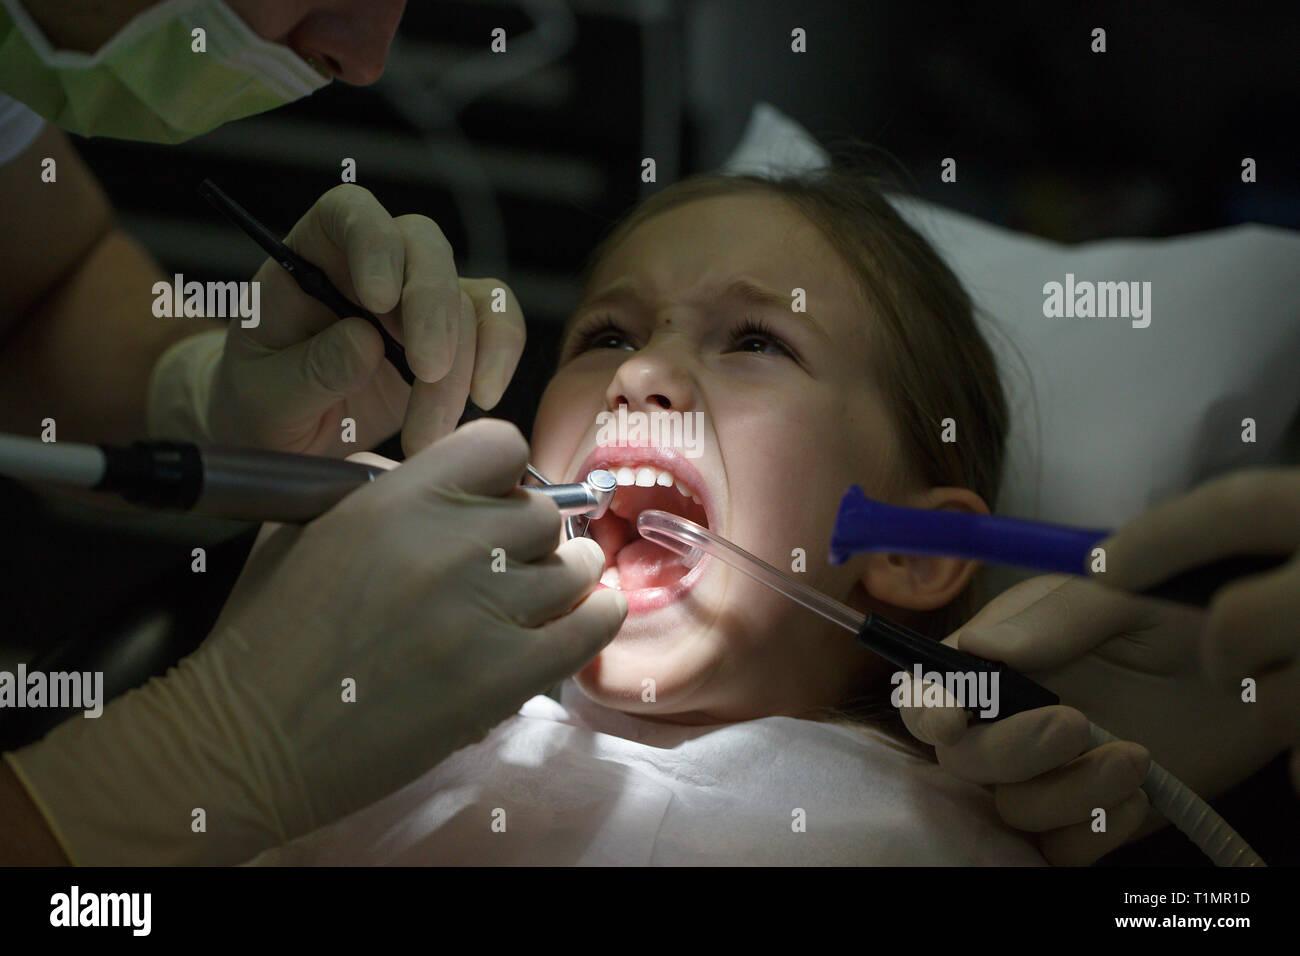 Peur petite fille à l'office, les dentistes dans la douleur lors d'un traitement. Les soins dentaires pédiatriques et la peur du dentiste concept. Banque D'Images